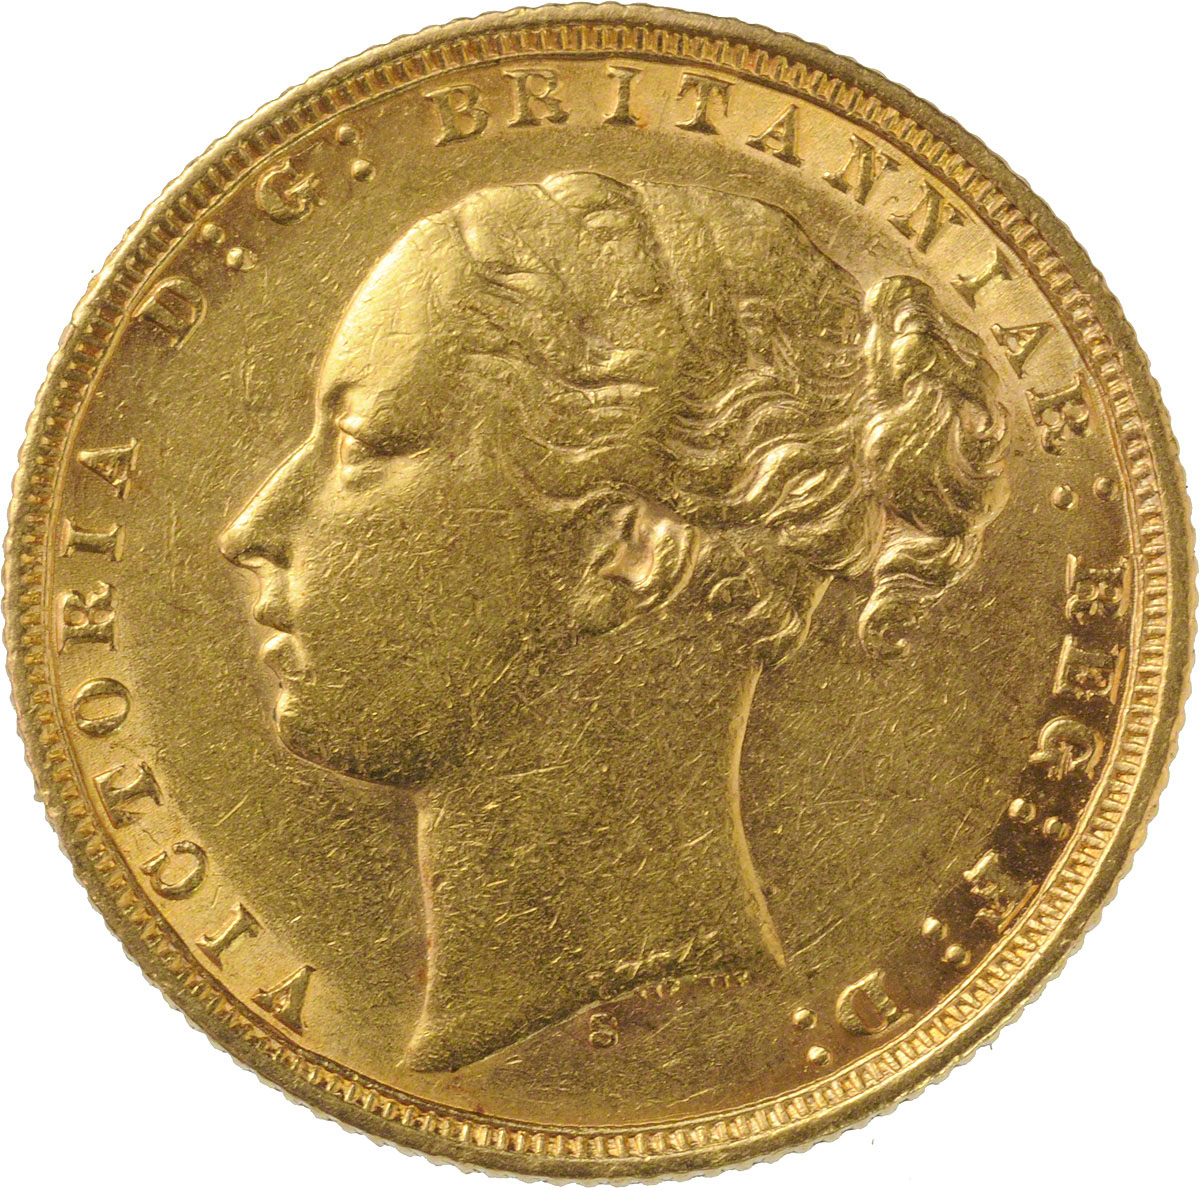 1876 Βικτώρια (Νομισματοκοπείο Σίδνεϊ)